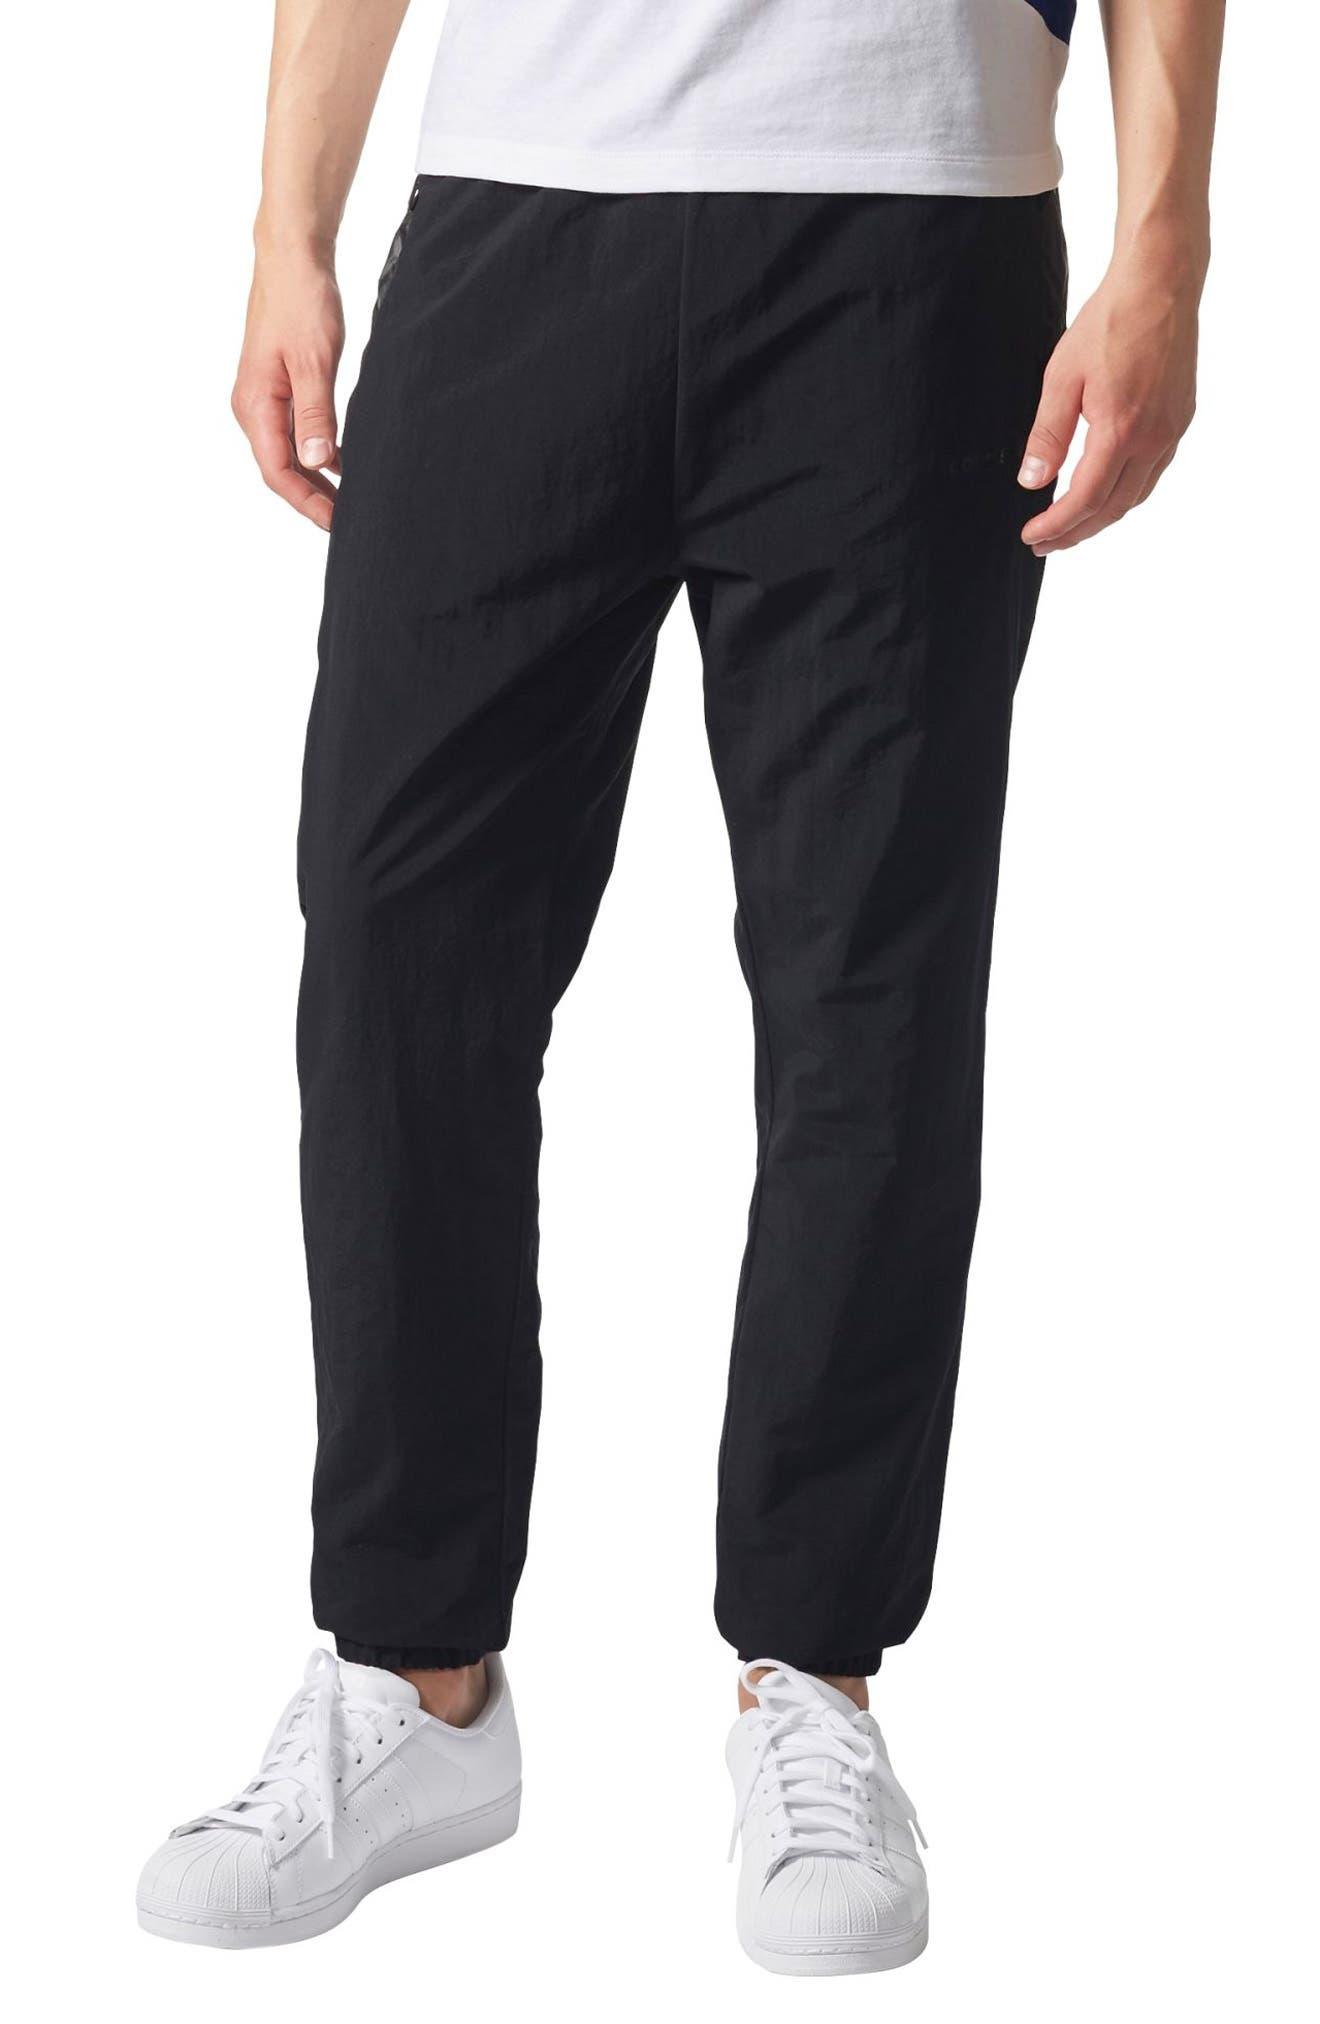 Originals Slim Tapered Pants,                         Main,                         color, Black